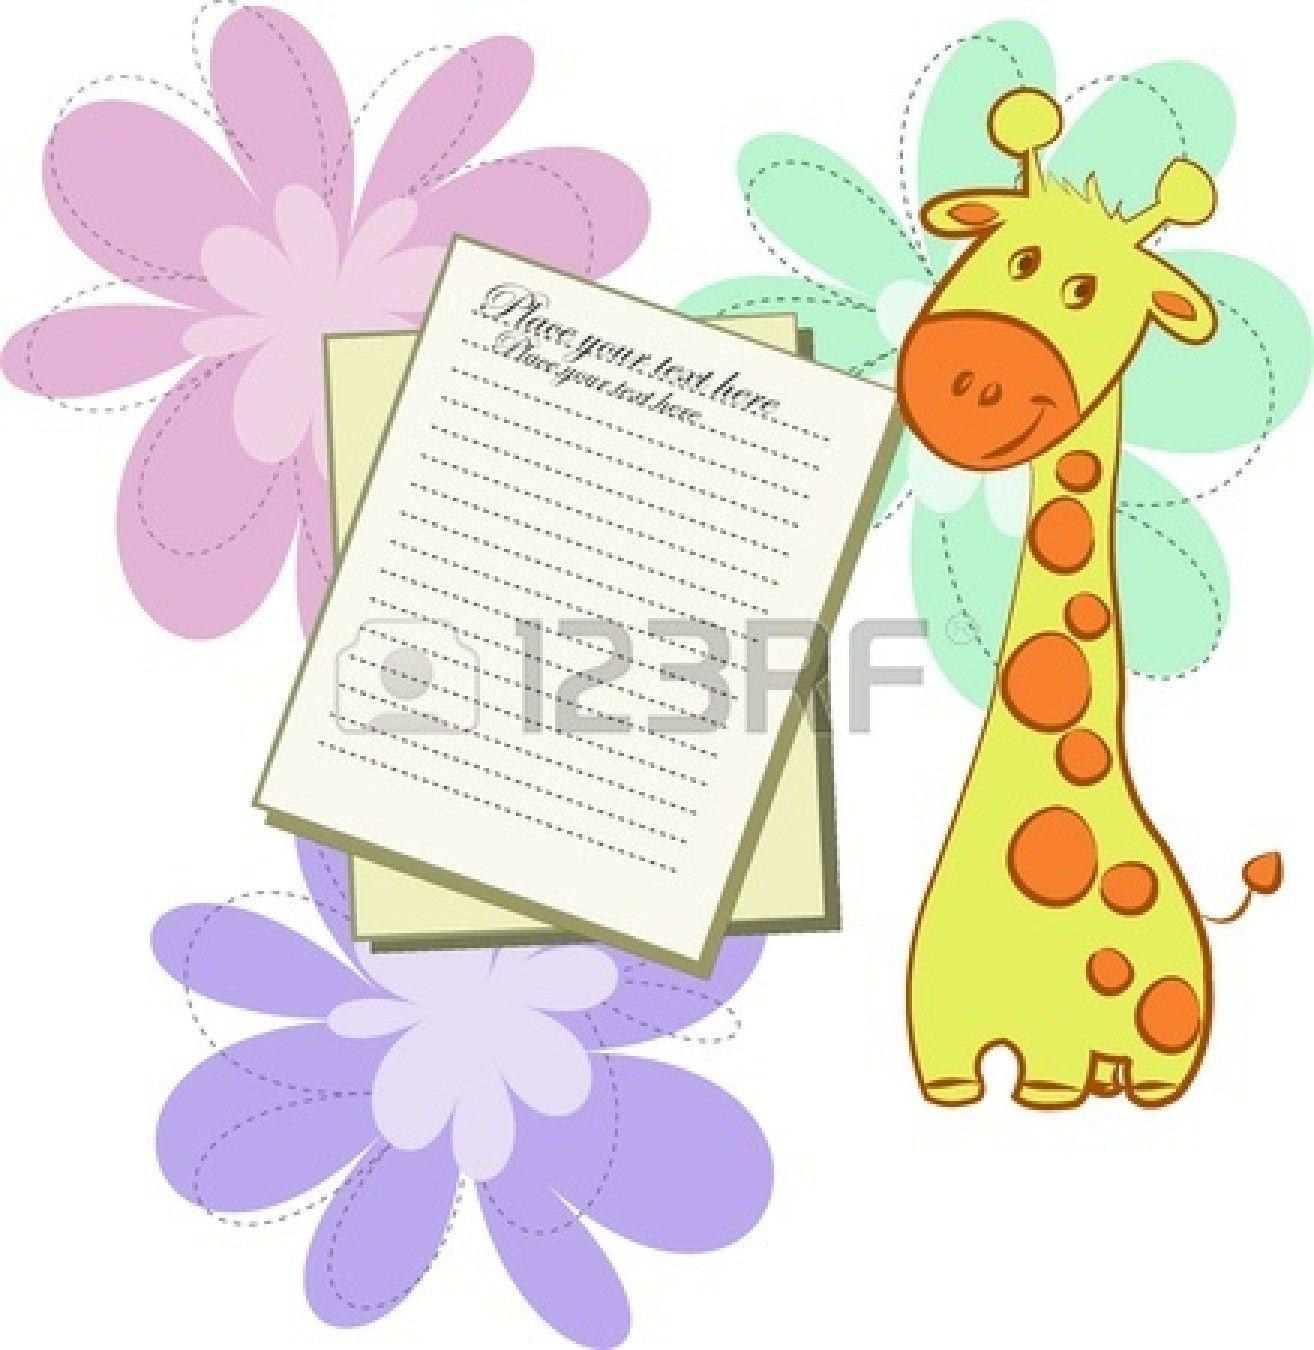 Brillante Con Giraffe E Fogli Di Carta Su Uno Sfondo Bianco Con